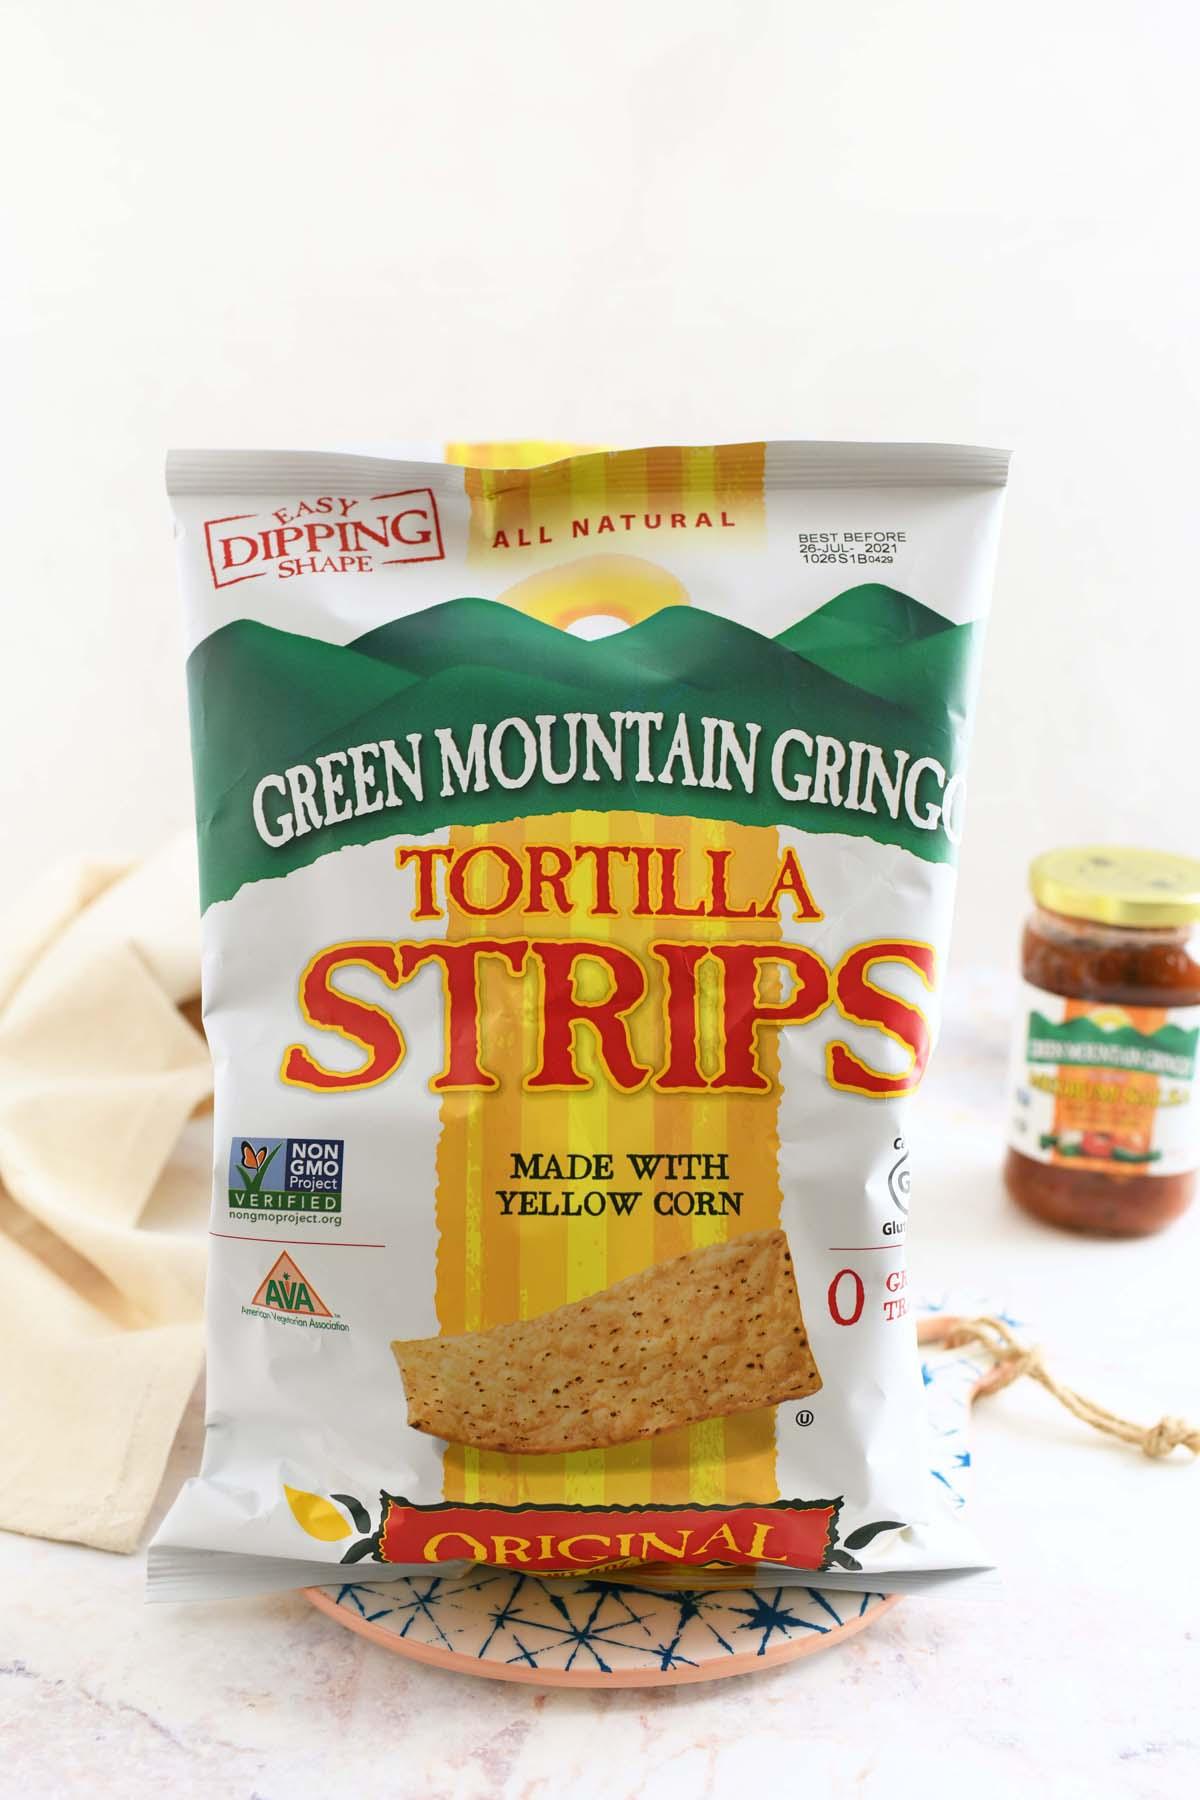 Green Mountain Gringo Tortilla Strips. A bag of tortilla strips on a white table with a tan napkin.